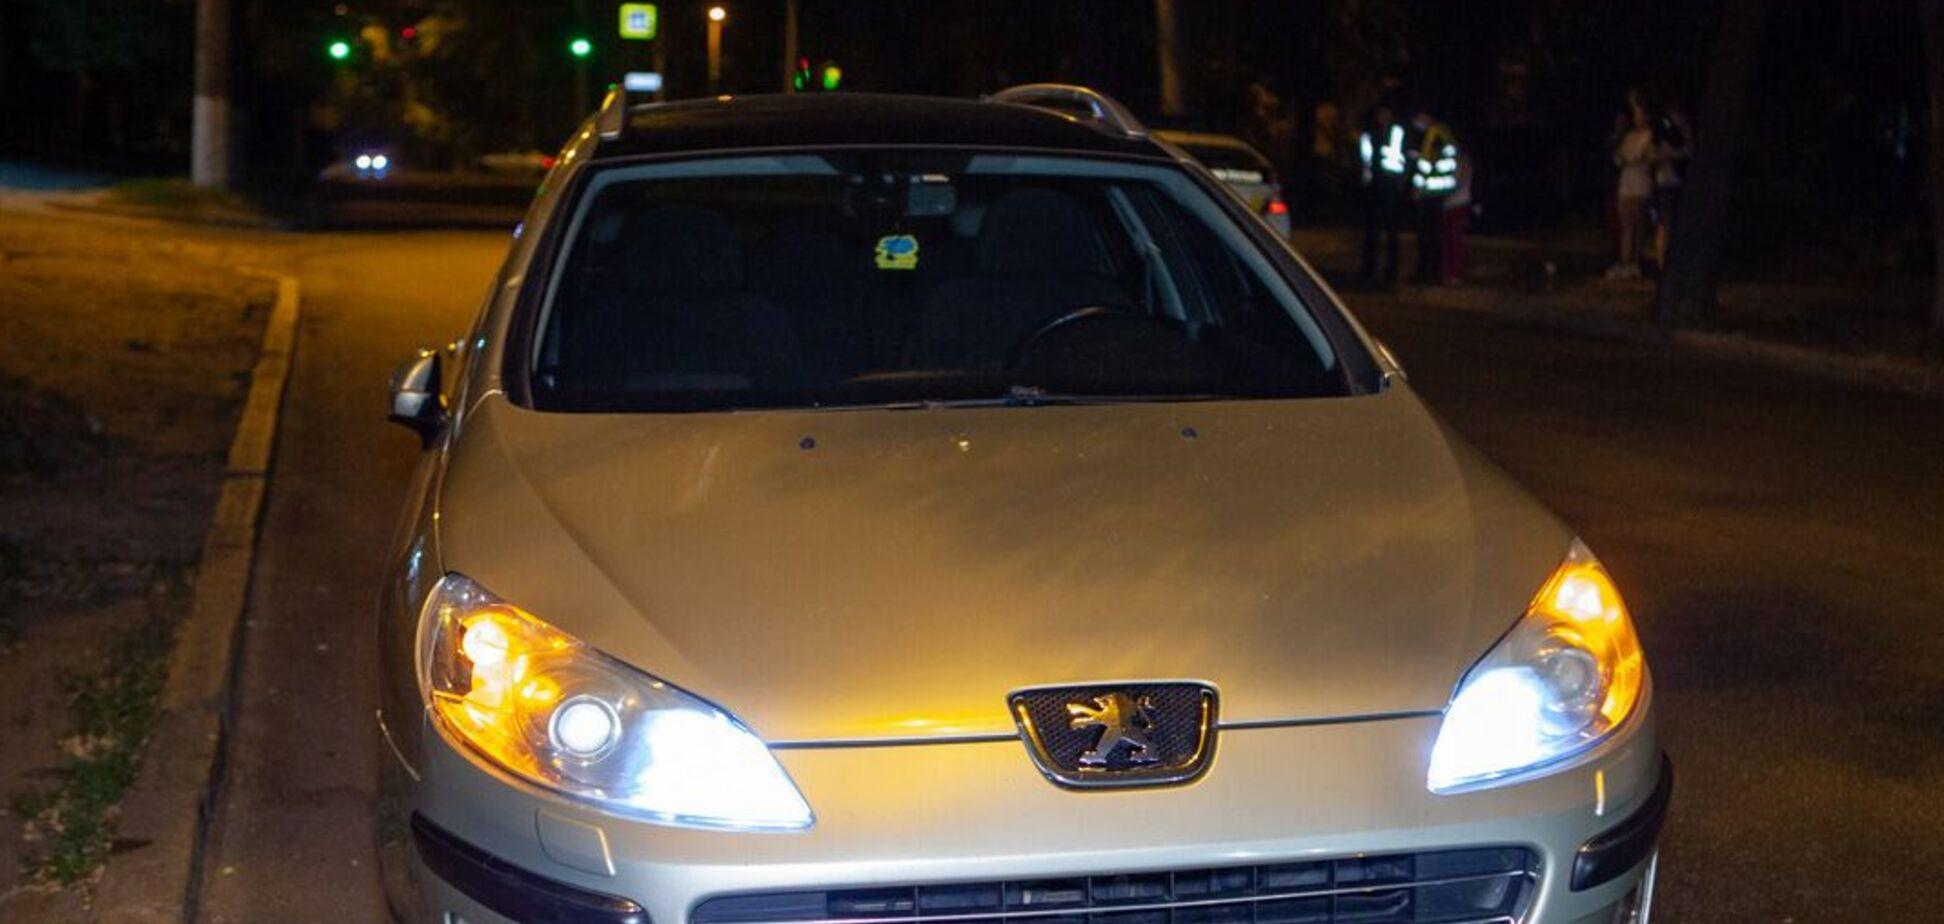 У Дніпрі авто на швидкості збило молодого хлопця: потерпілого госпіталізували. Фото